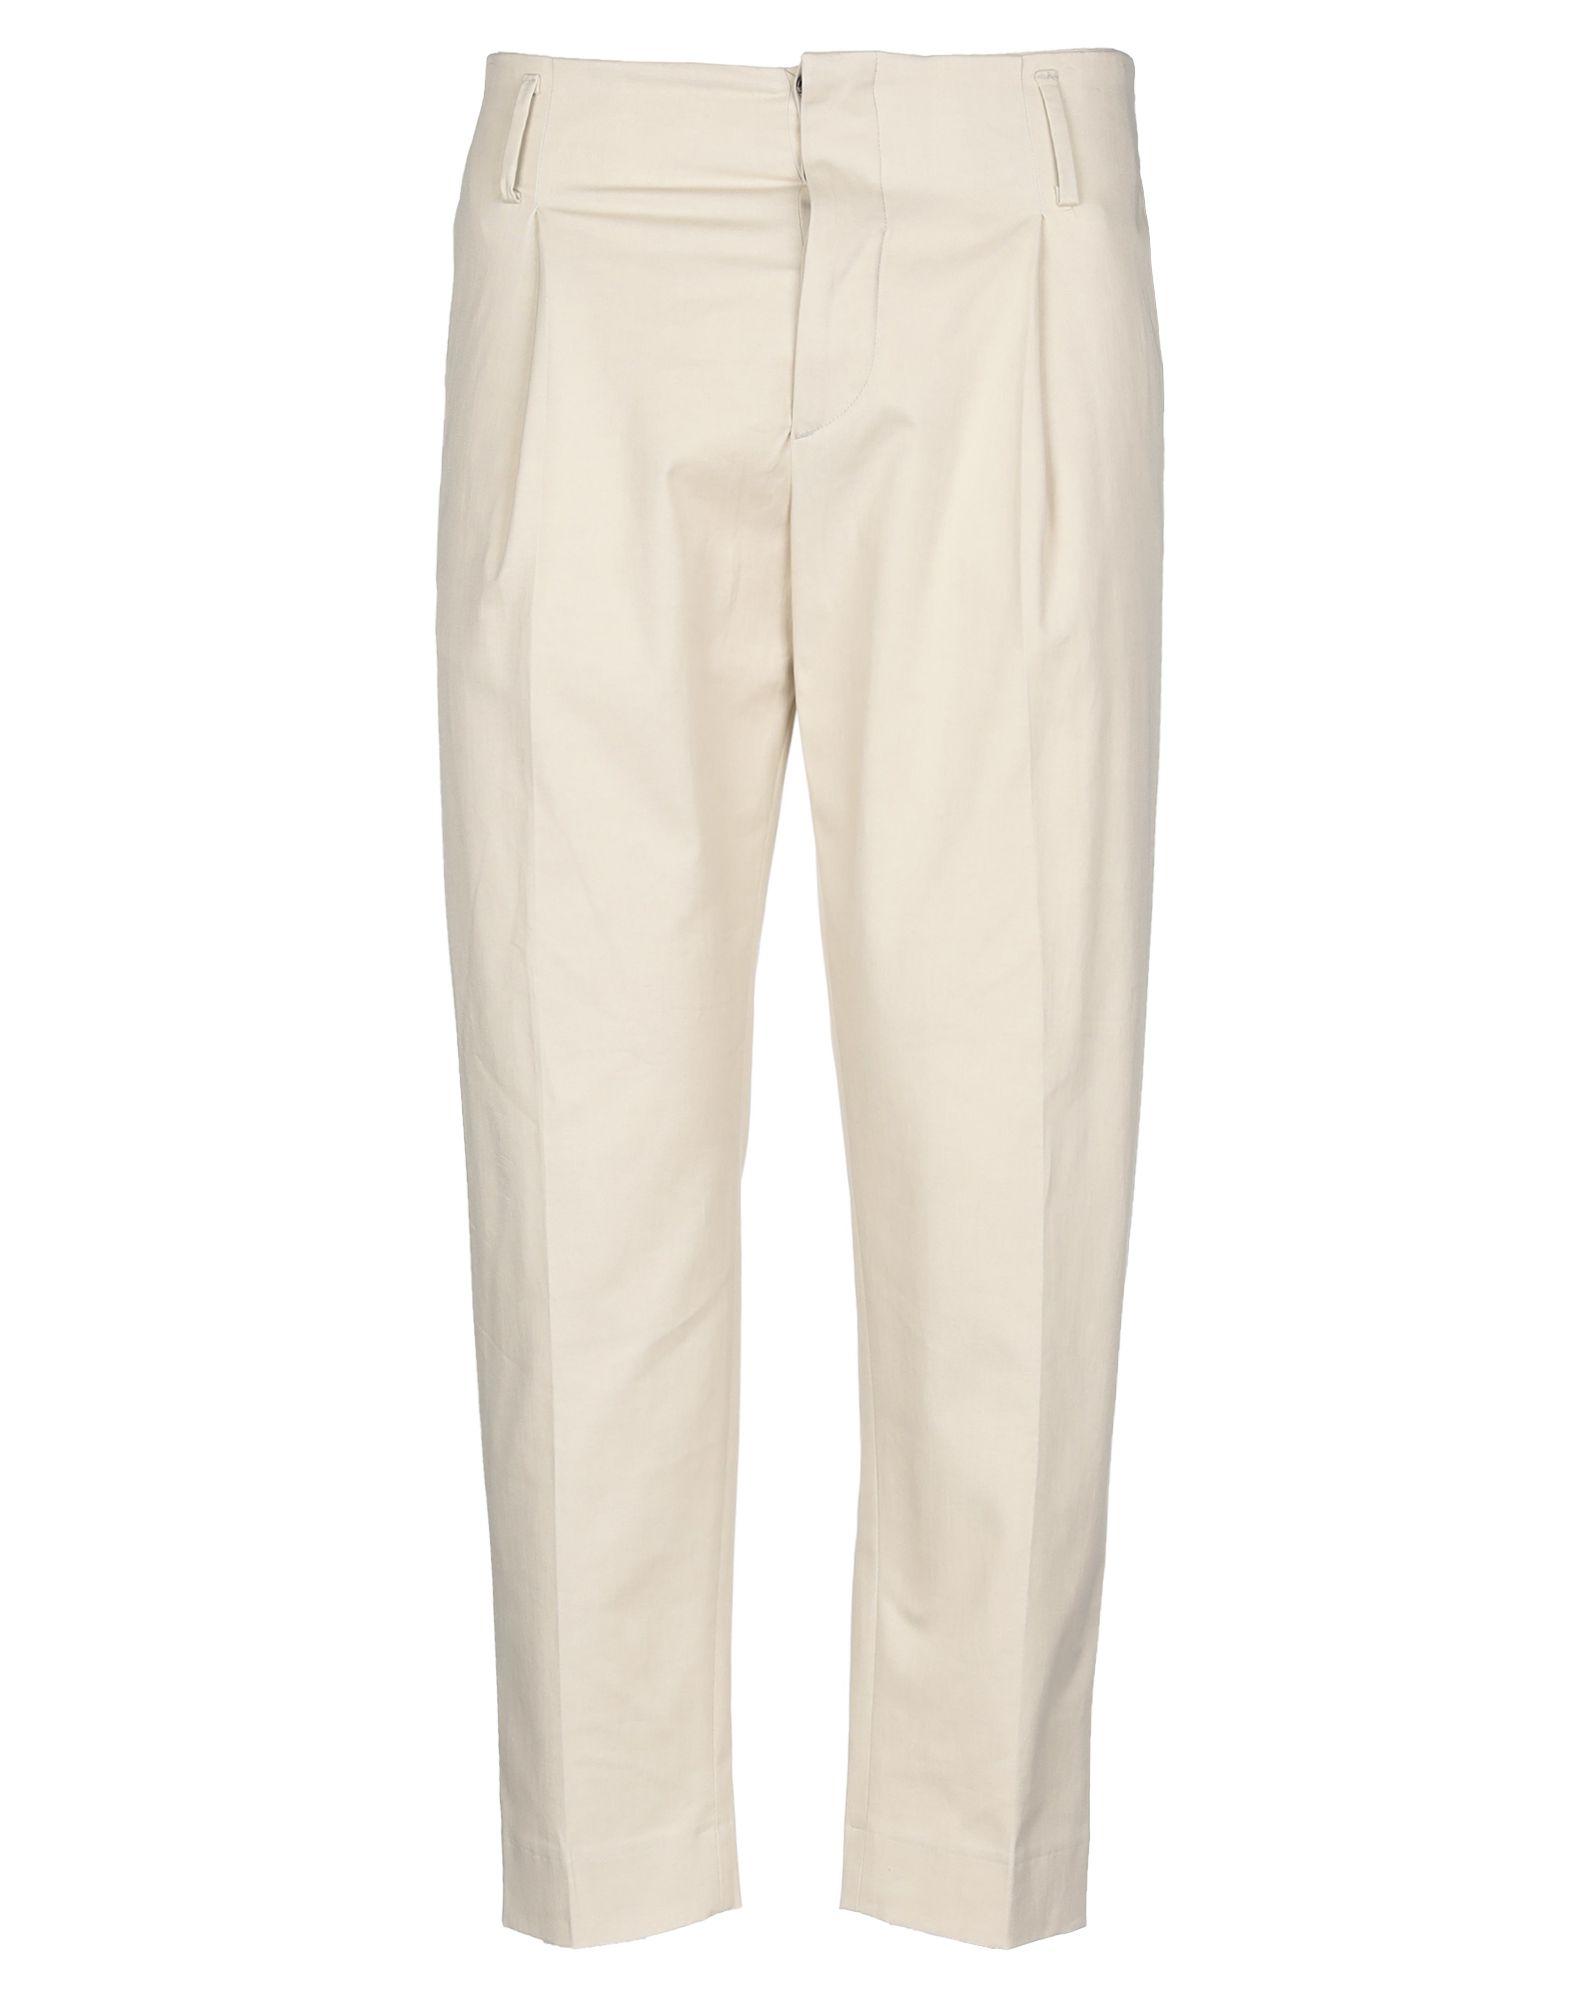 《セール開催中》BE ABLE メンズ パンツ ベージュ 31 コットン 97% / ポリウレタン 3%